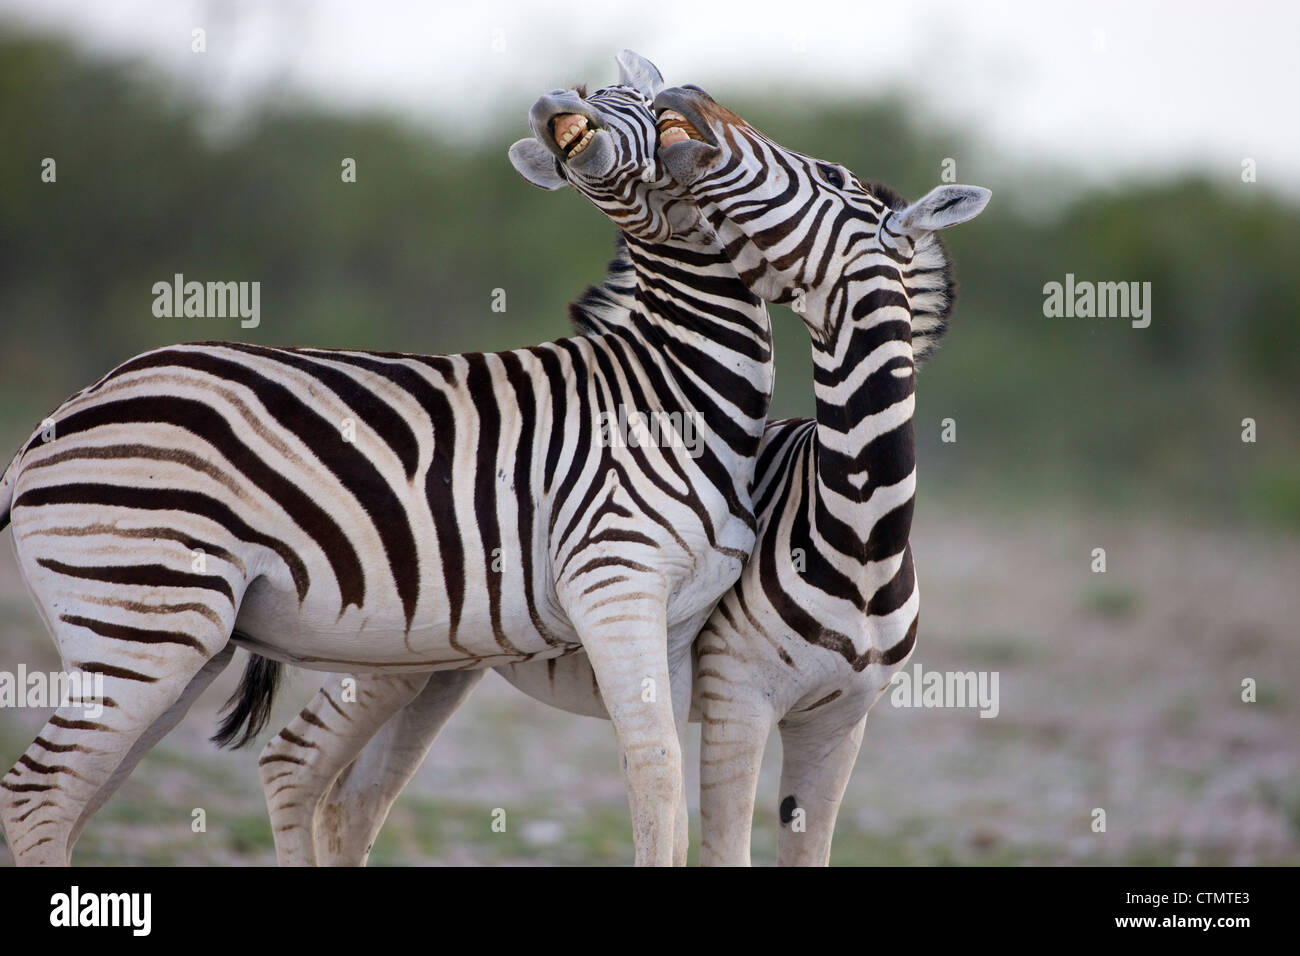 Two Plains Zebra fighting, Etosha National Park, Etosha, Namibia - Stock Image